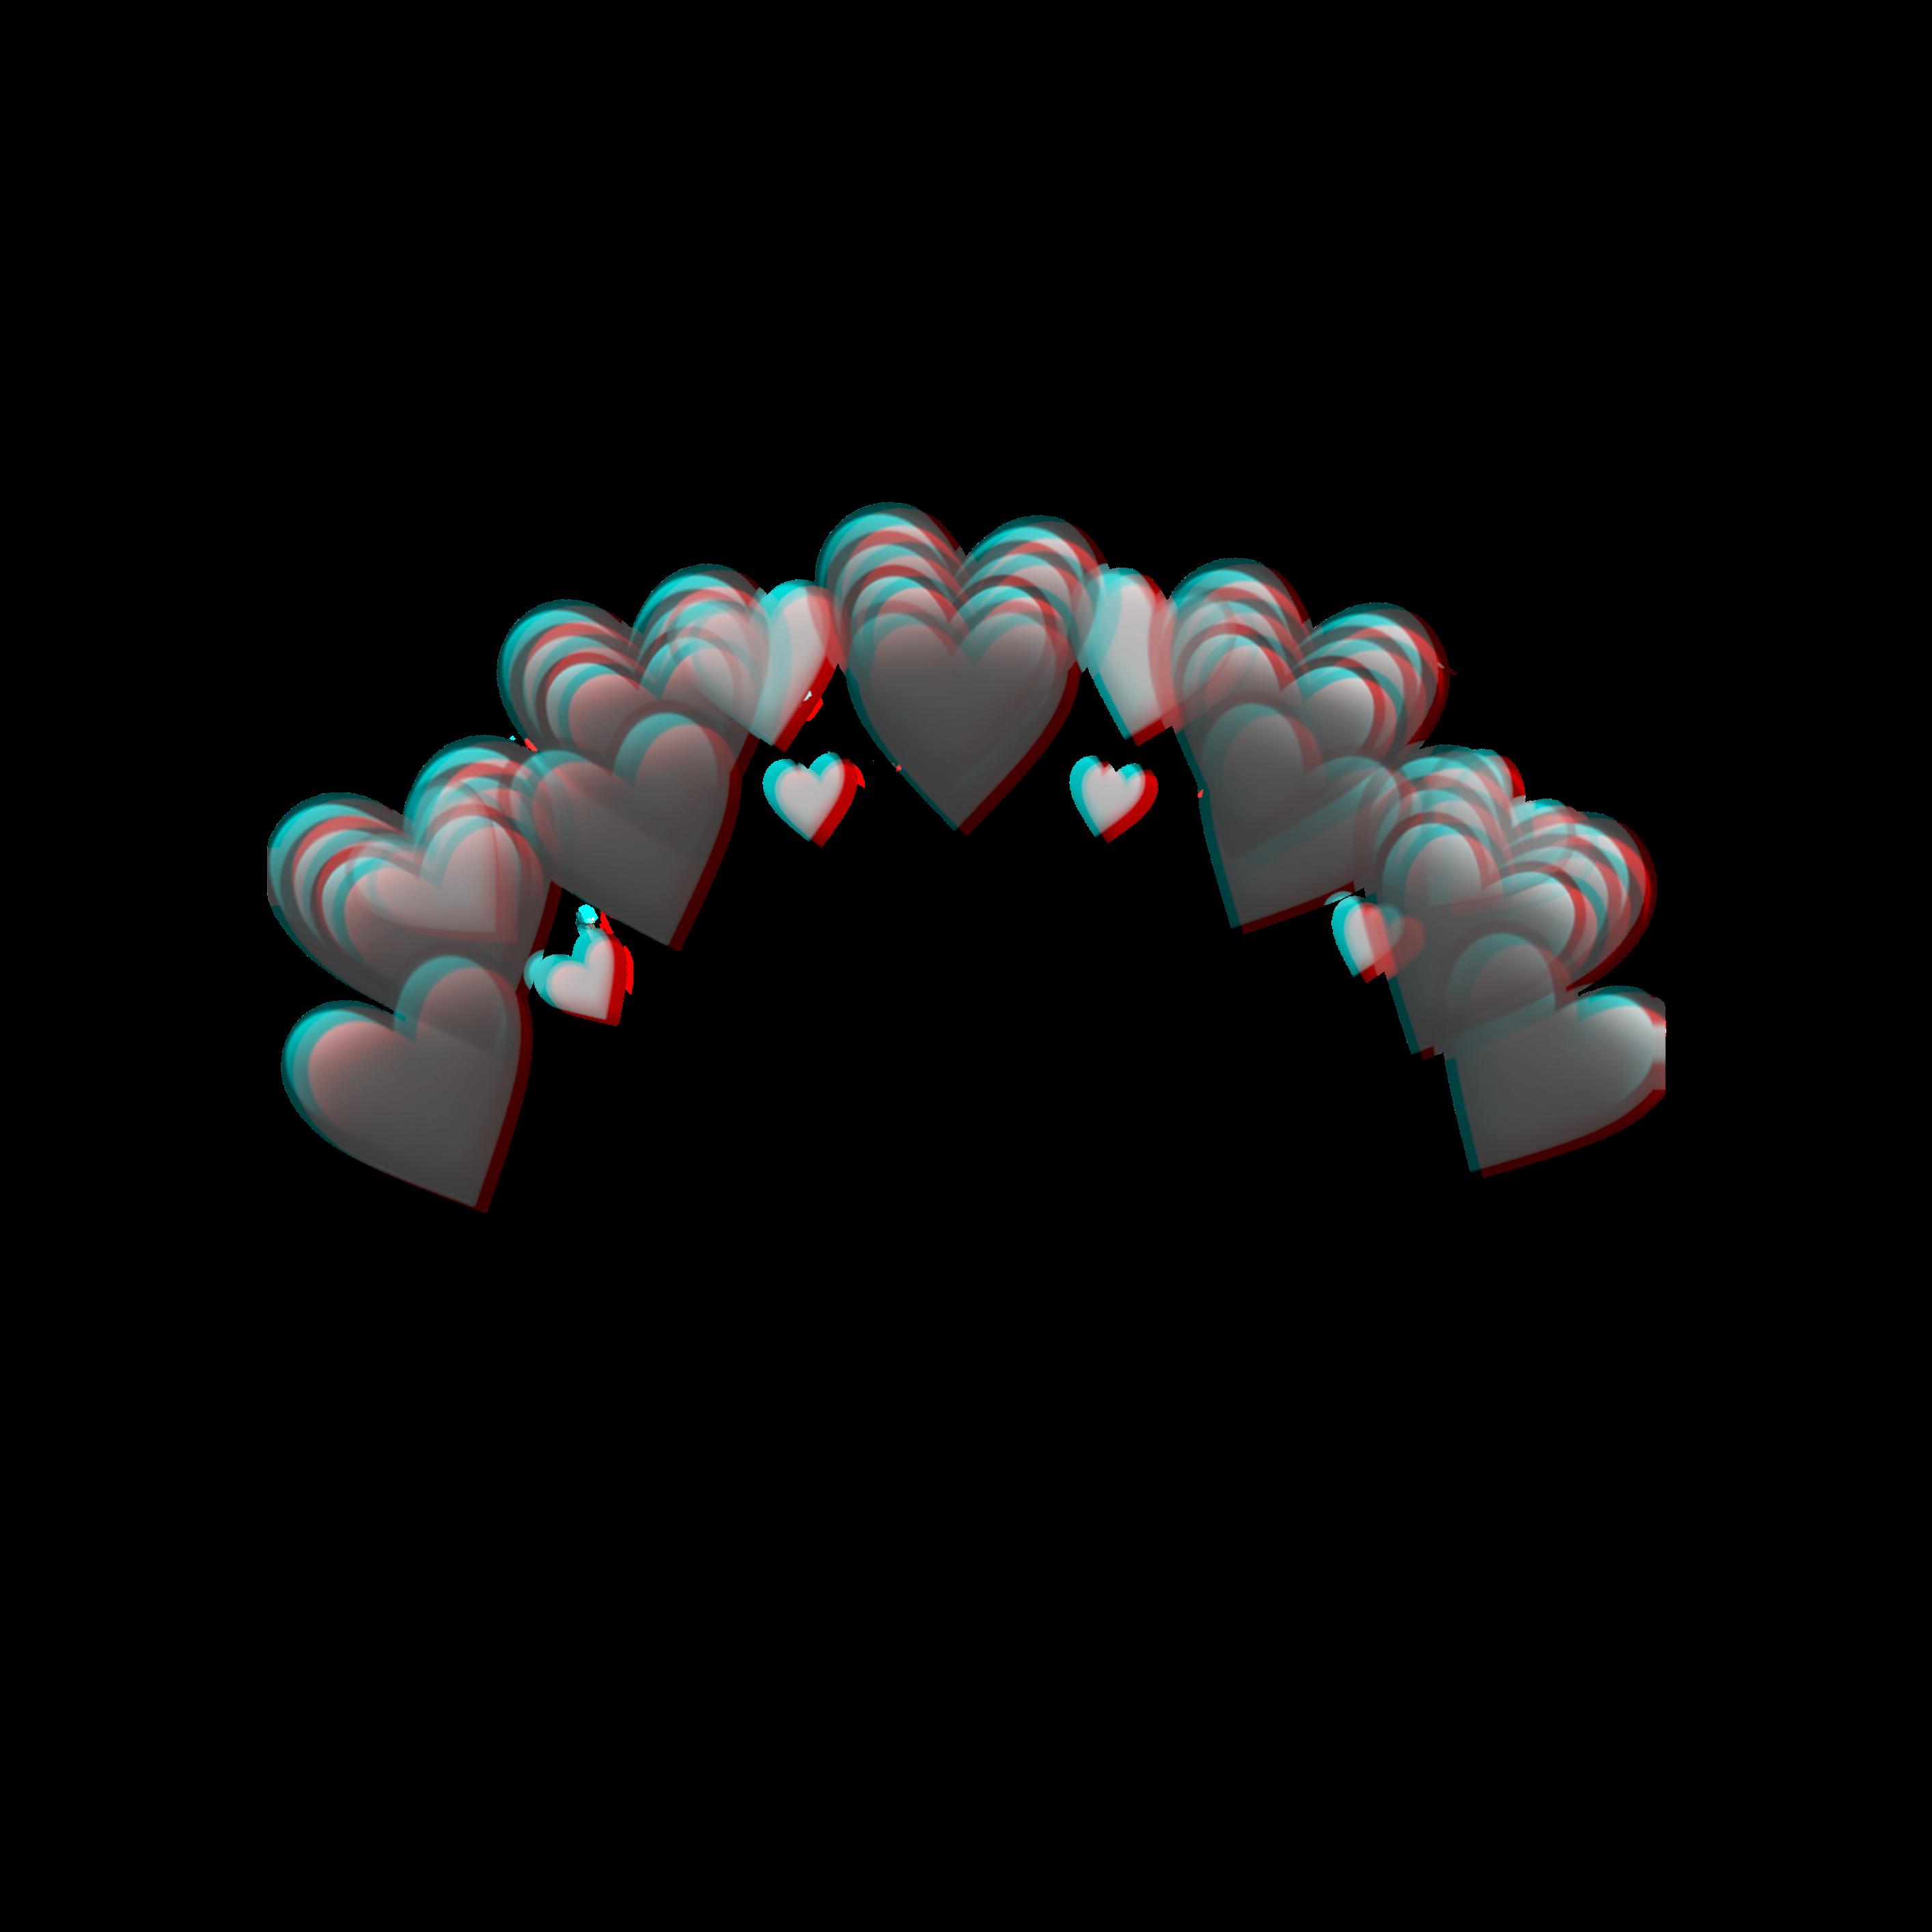 Картинки пнг сердечек над головой положение зафиксировано